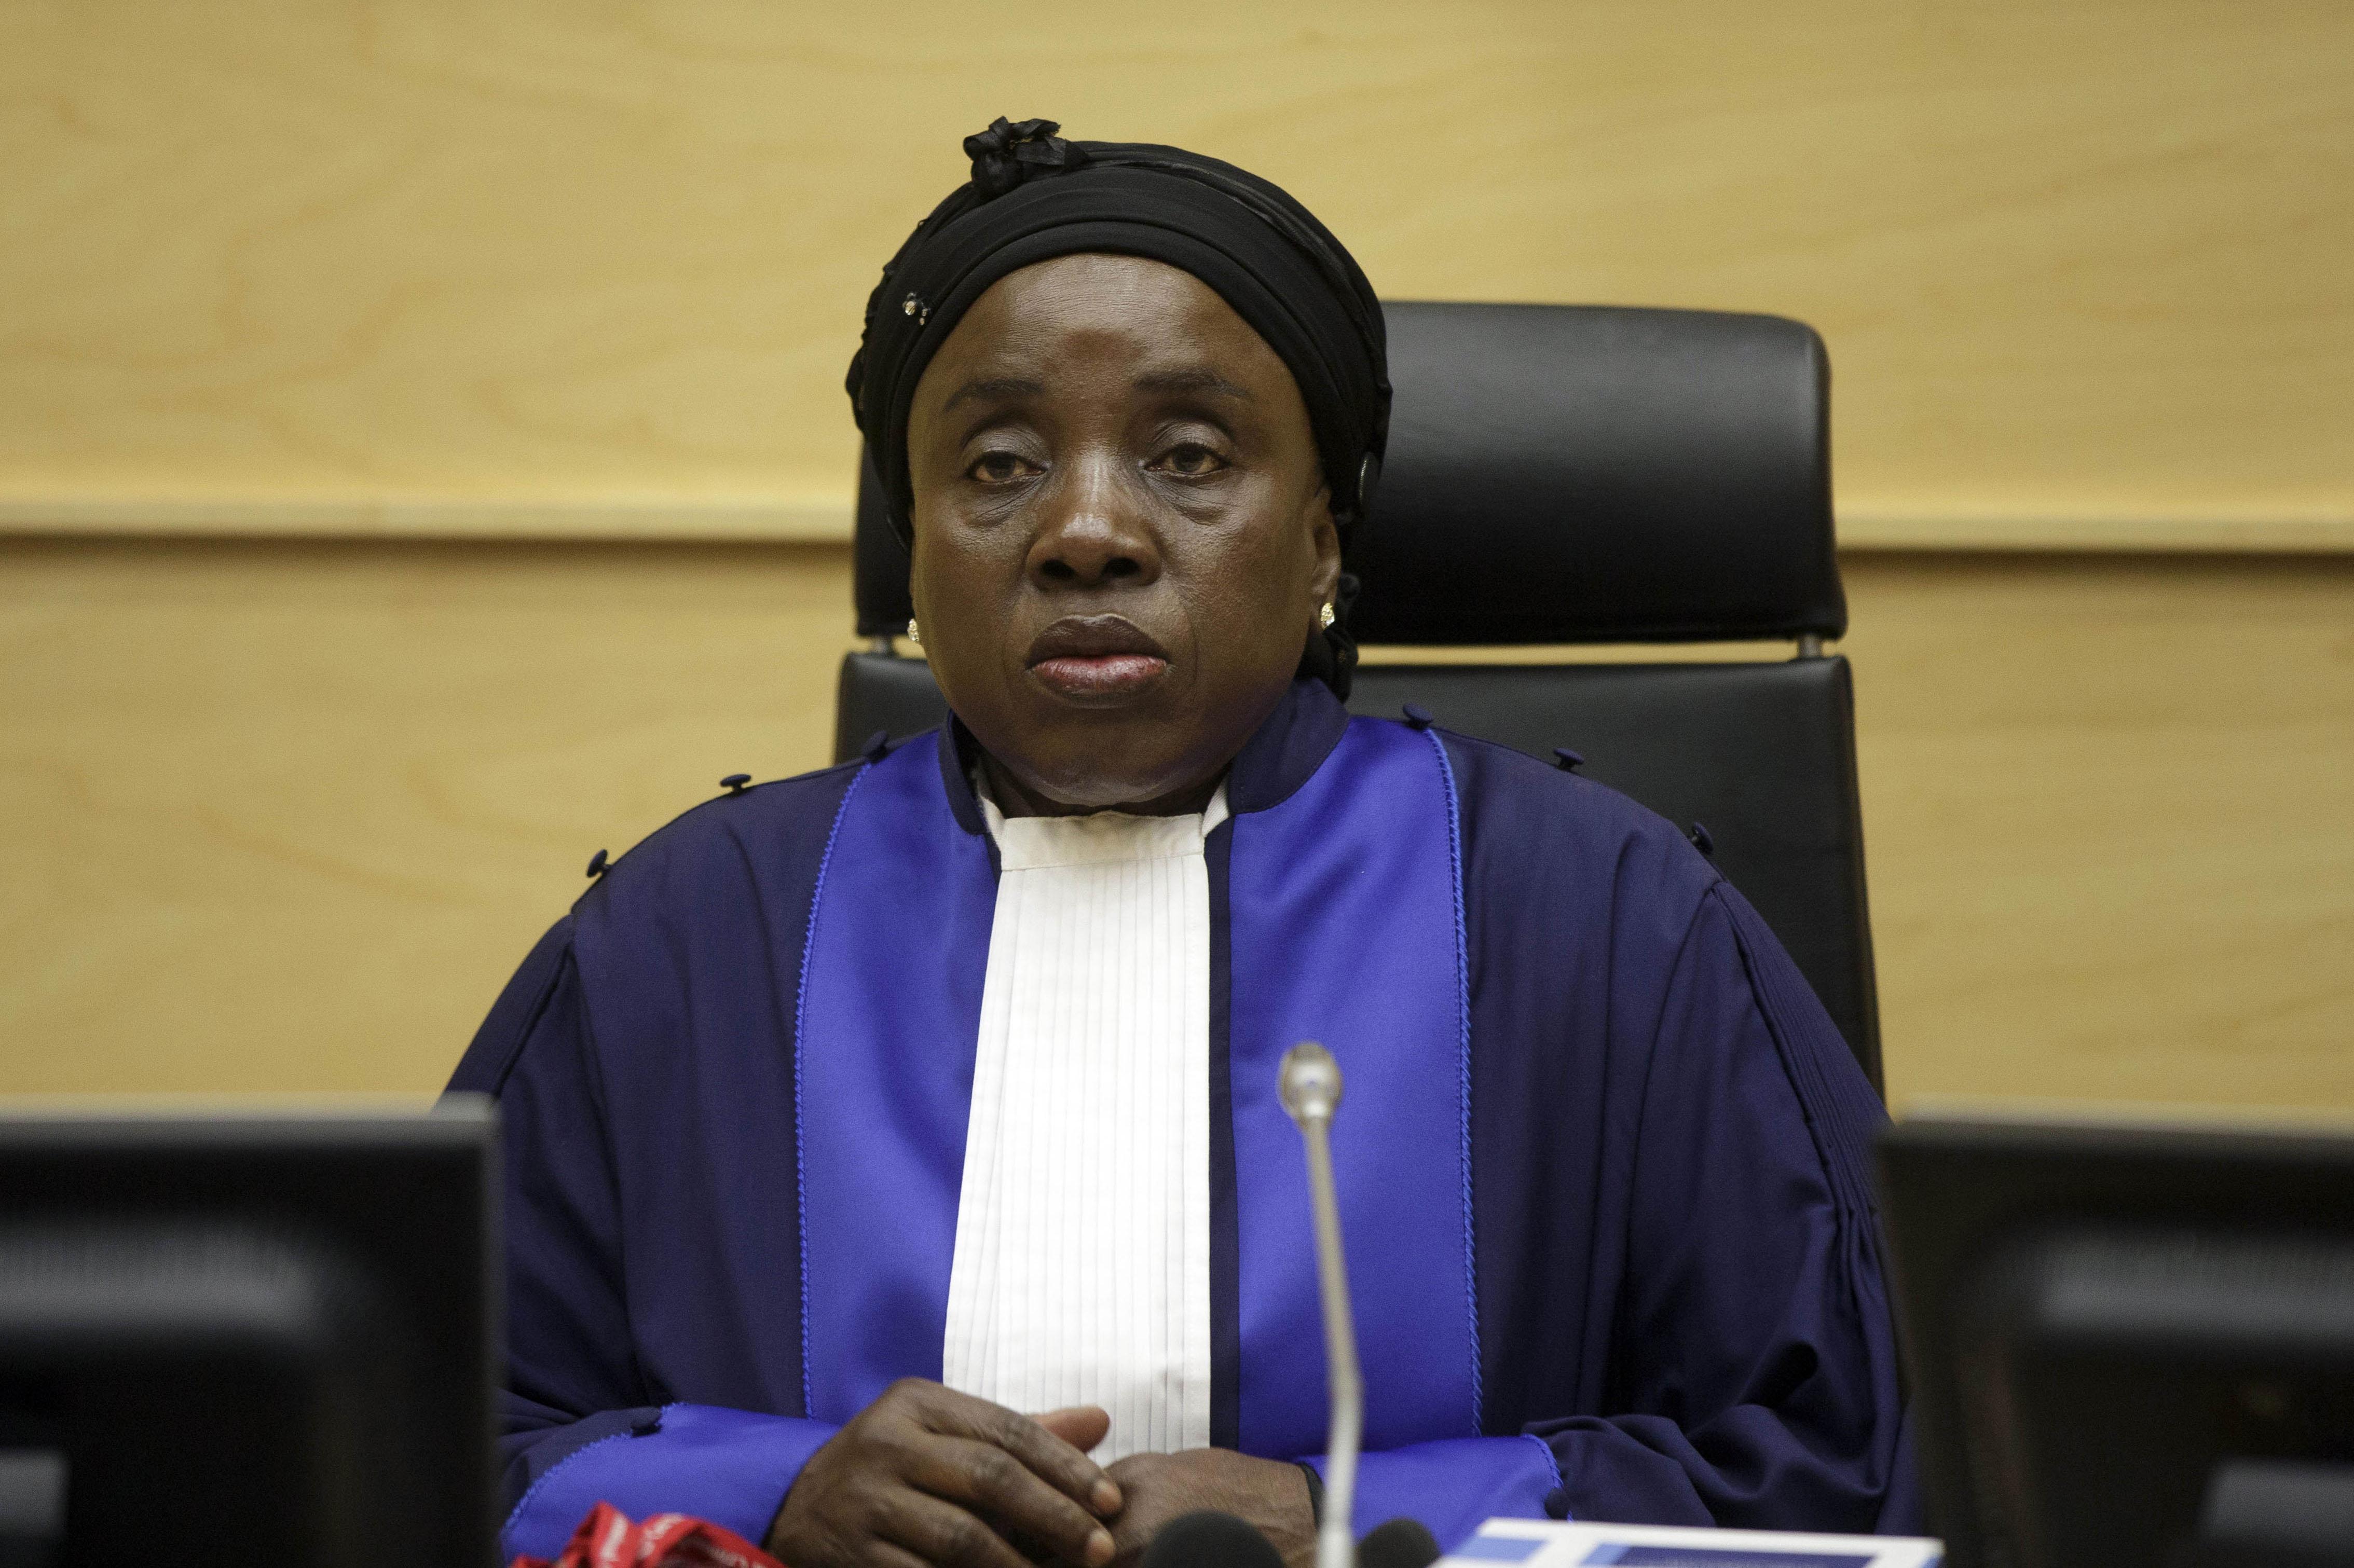 Uma juíza em audiência no Tribunal Penal Internacional em Haia, em março de 2014. Em zonas de conflito, não é raro ver a polícia, milícias locais, exércitos nacionais, ou tropas estrangeiras envolvidos em violências sexuais. (AP/Phil Nijhuis)